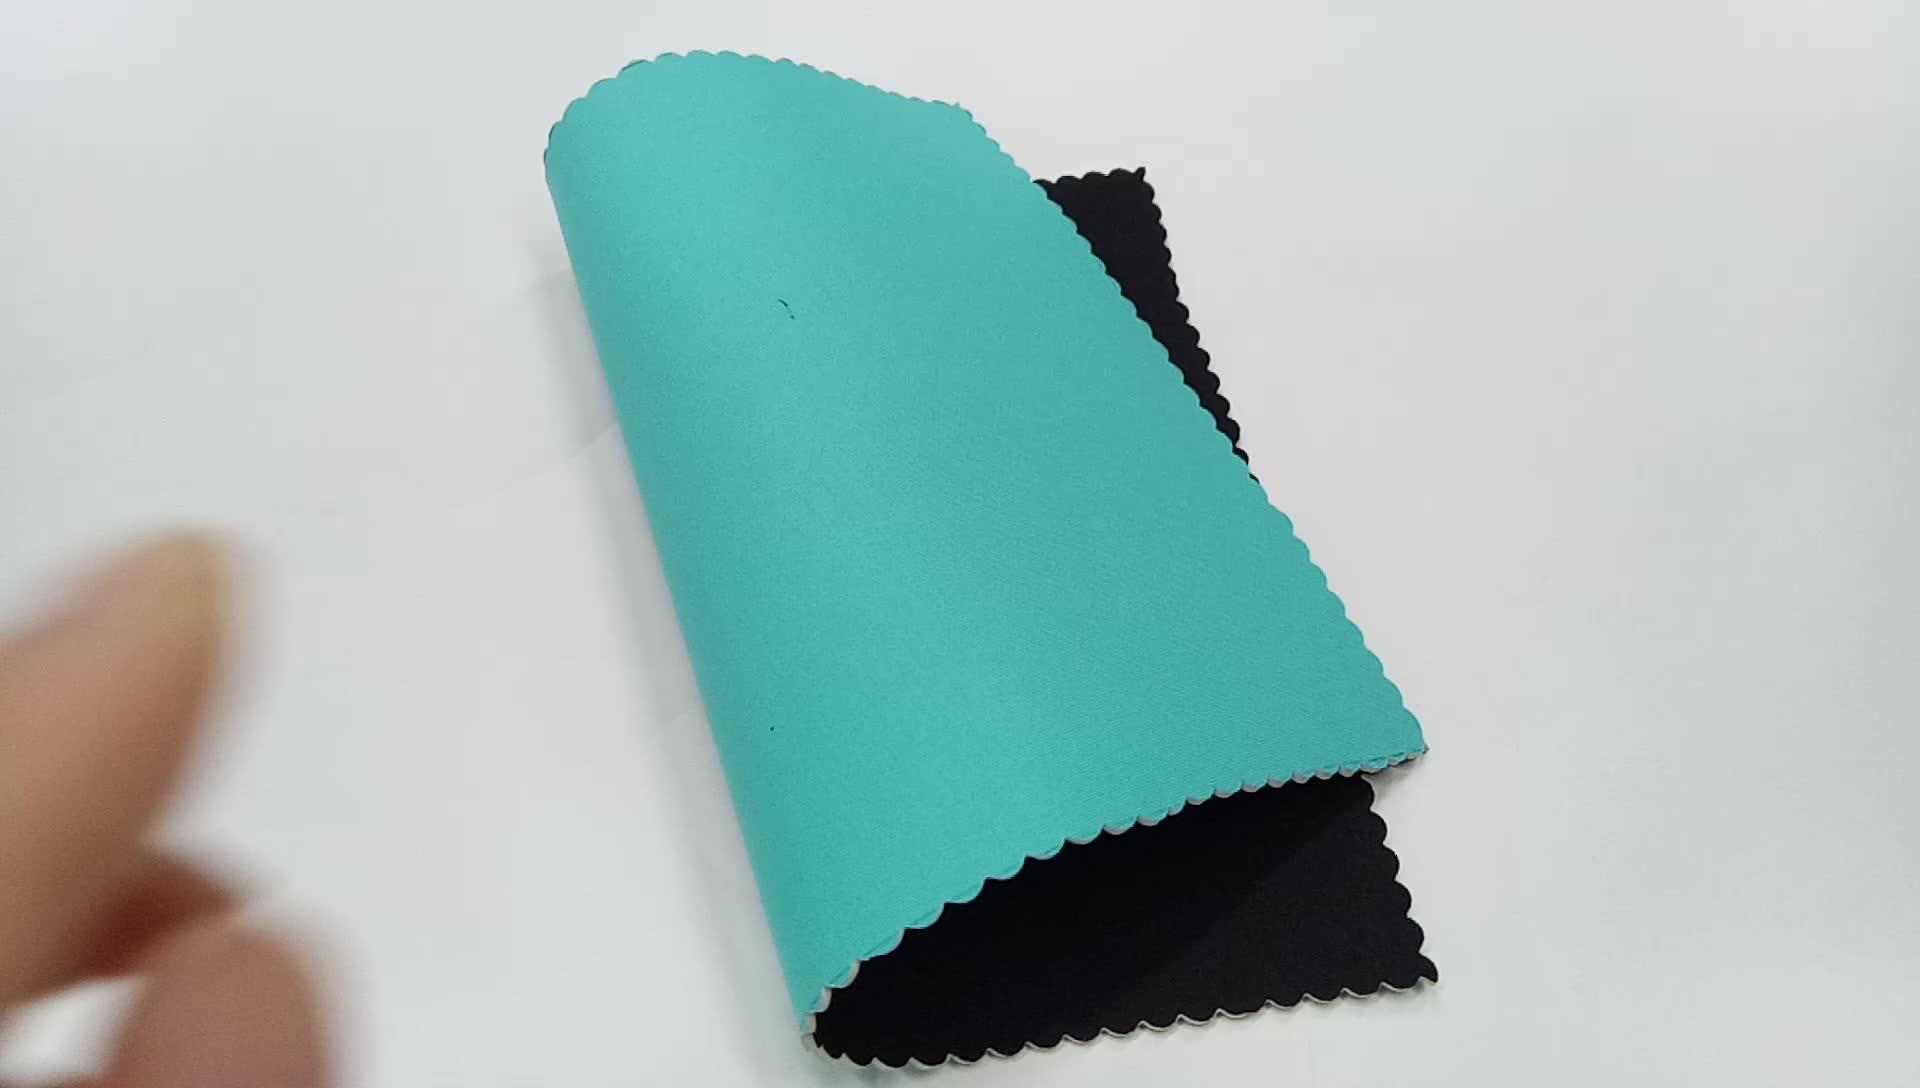 Jianbo 2mm độ dày chất lượng cao neoprene dệt vải thân thiện với môi cao su tổng hợp vải quần áo bơi